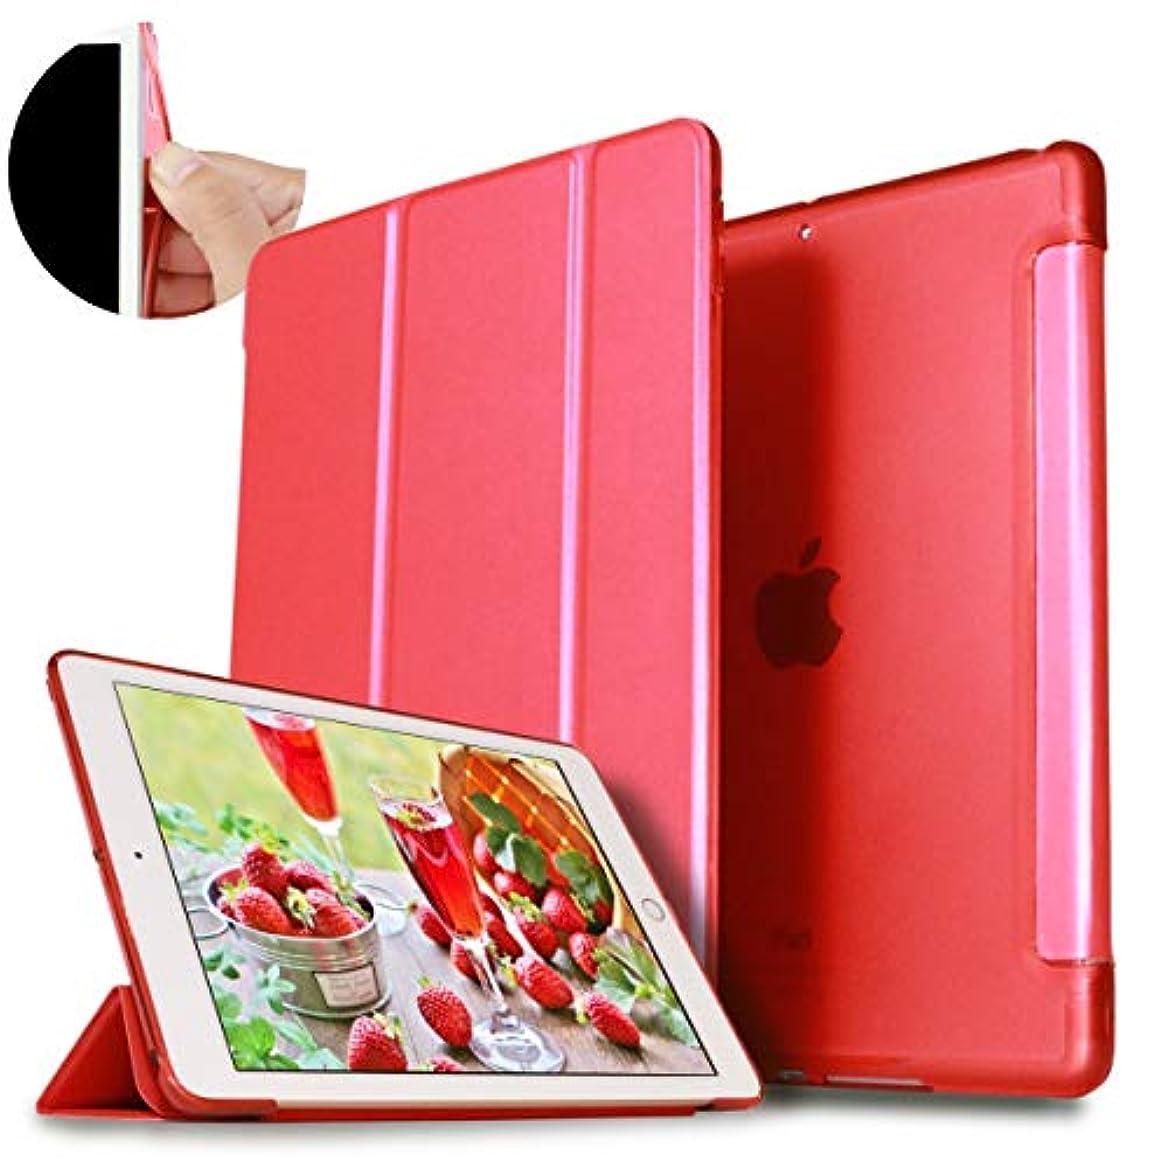 帰るハイキングに行くサイクルAQUA/アクア iPad ケース Pro 9.7-inch(A1673/A1674/A1675)専用 ソフトTPUサイドエッジタイプ スマートカバー ケース 三つ折り保護カバー クリアケース 自立スタンド?オートスリープ機能 軽量?極薄タイプ 角割れにくく長持ち (iPad Pro 9.7-inch)